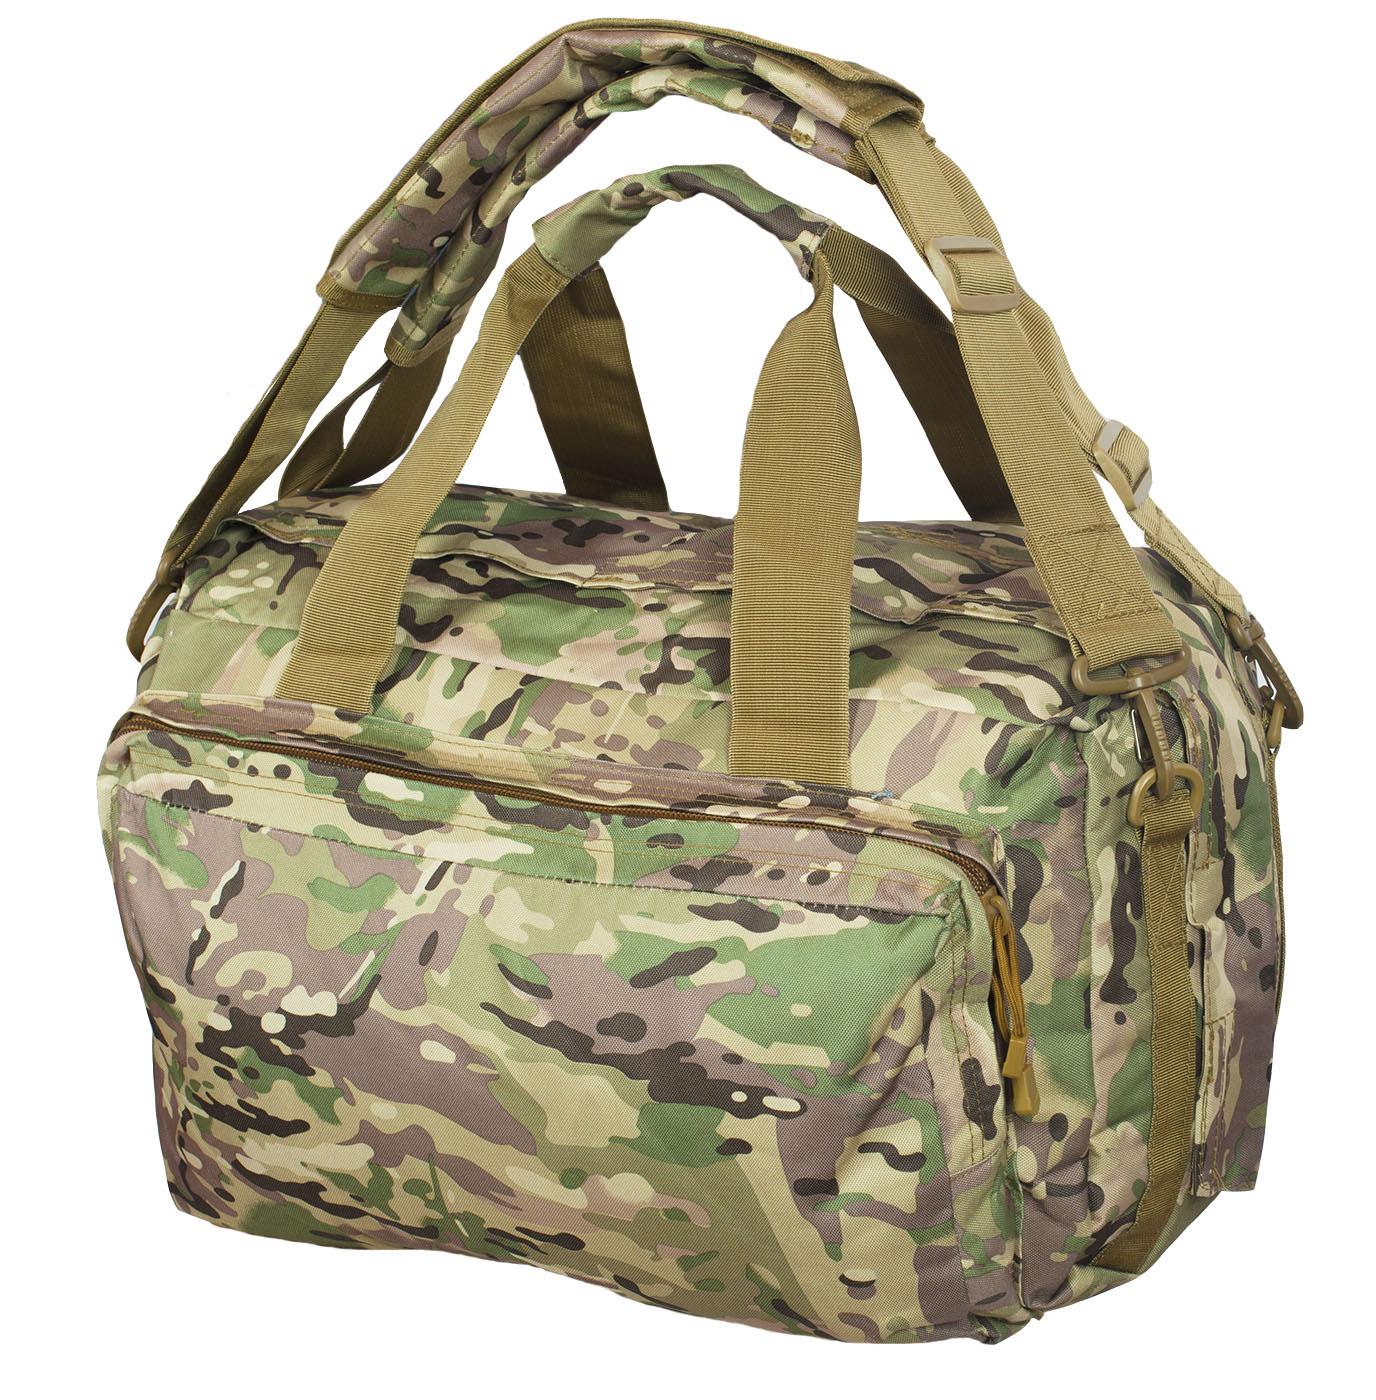 Купить сумку-рюкзак по выгодной цене